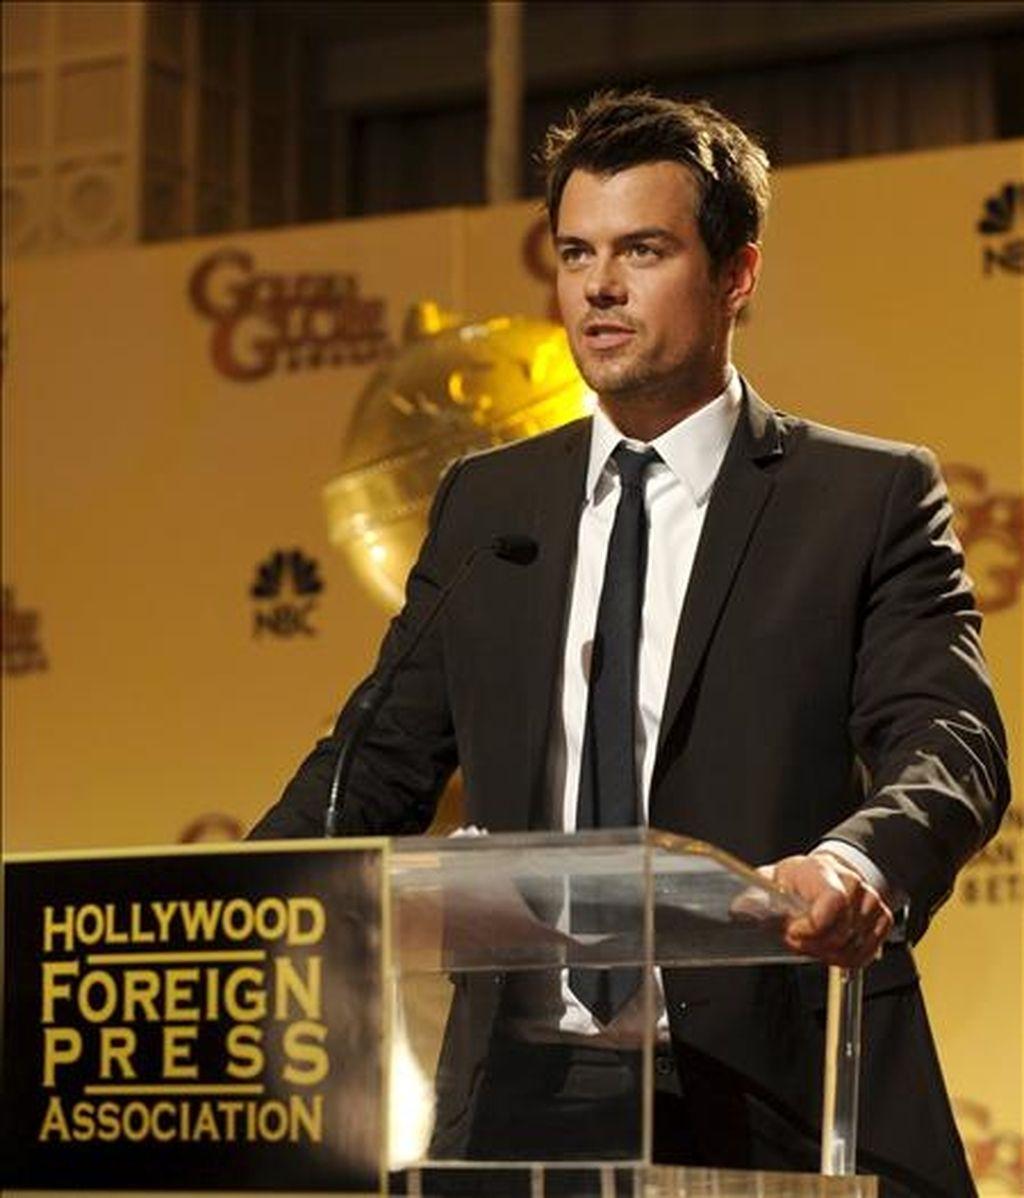 El actor estadounidense Josh Duhamal anuncia las nominaciones de la sexagésimo octava edición de los Premios Globos de Oro, que ha tenido lugar en Beverly Hills, Estados Unidos, este 14 de diciembre. EFE